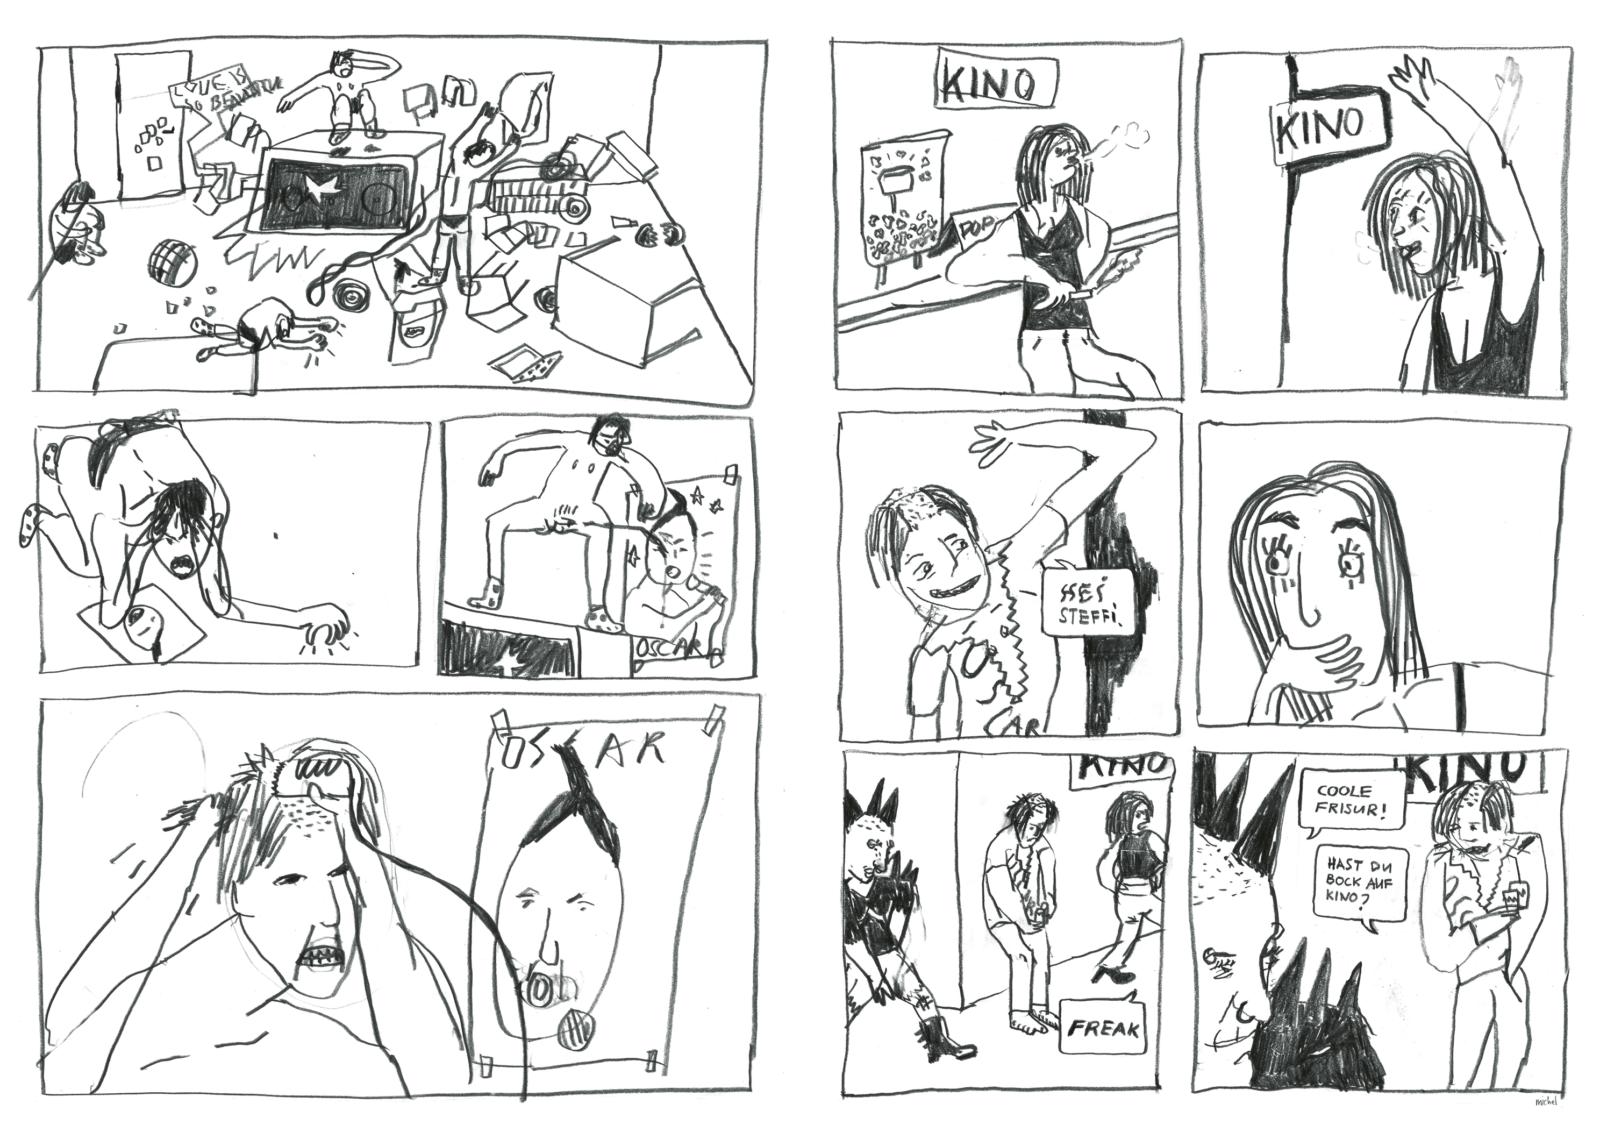 Idol_Seite-4-und-5